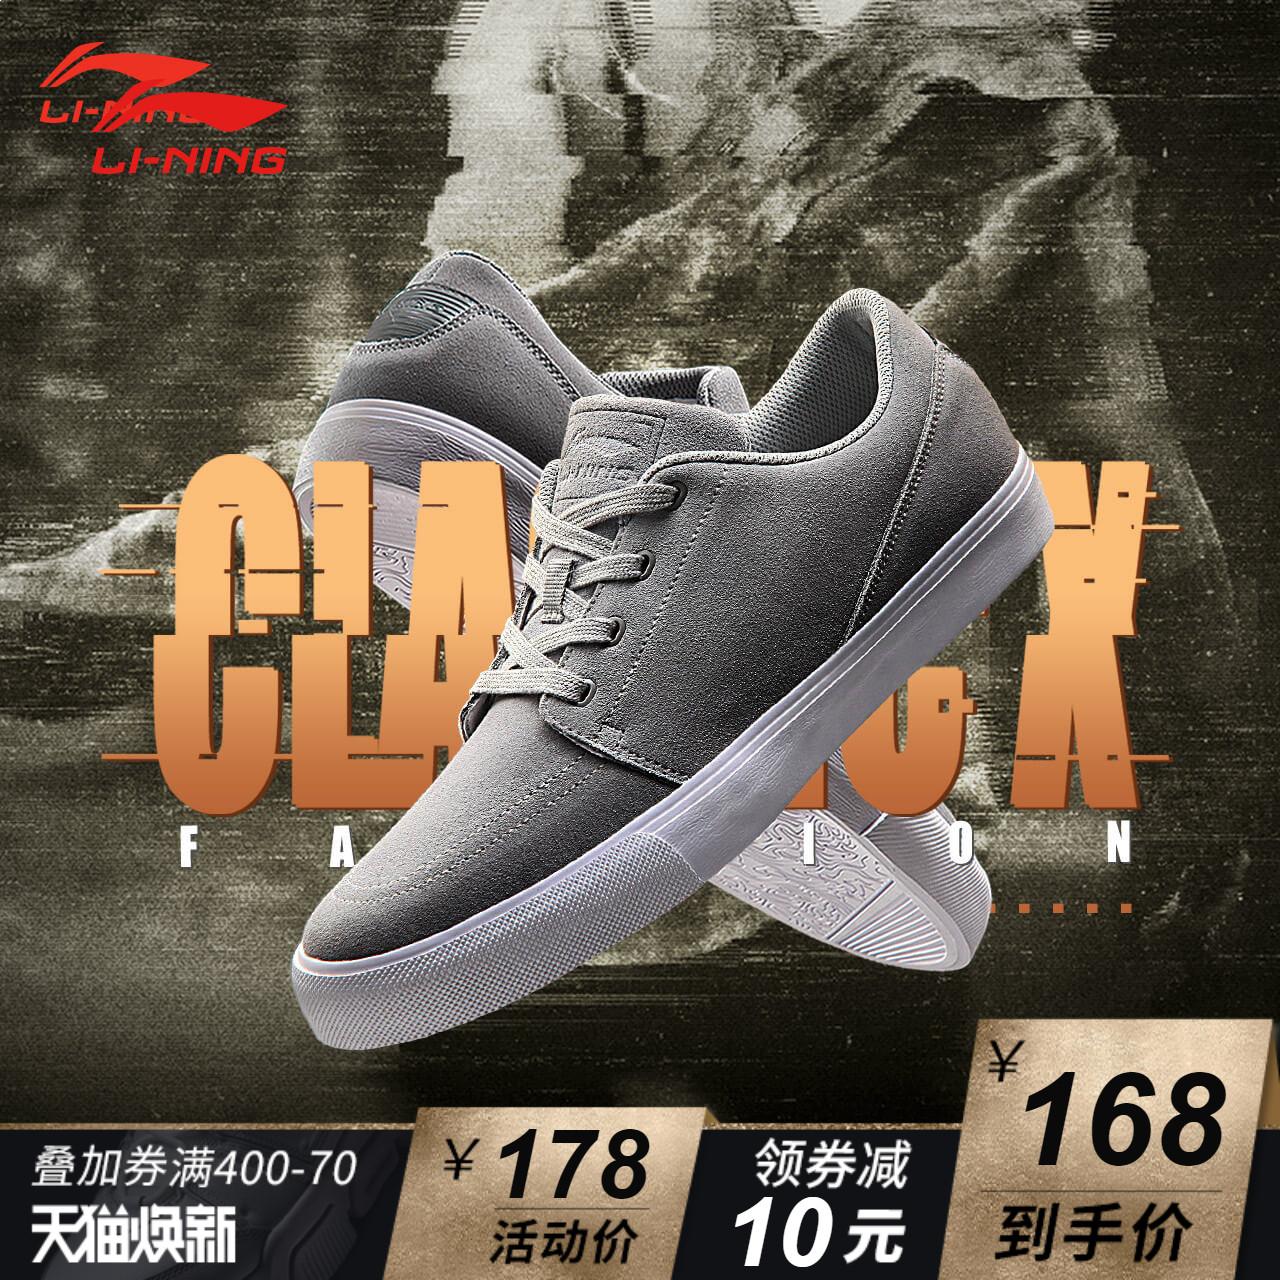 李宁休闲鞋男鞋2018新款风华休闲板鞋滑板鞋小黑鞋男士秋季运动鞋